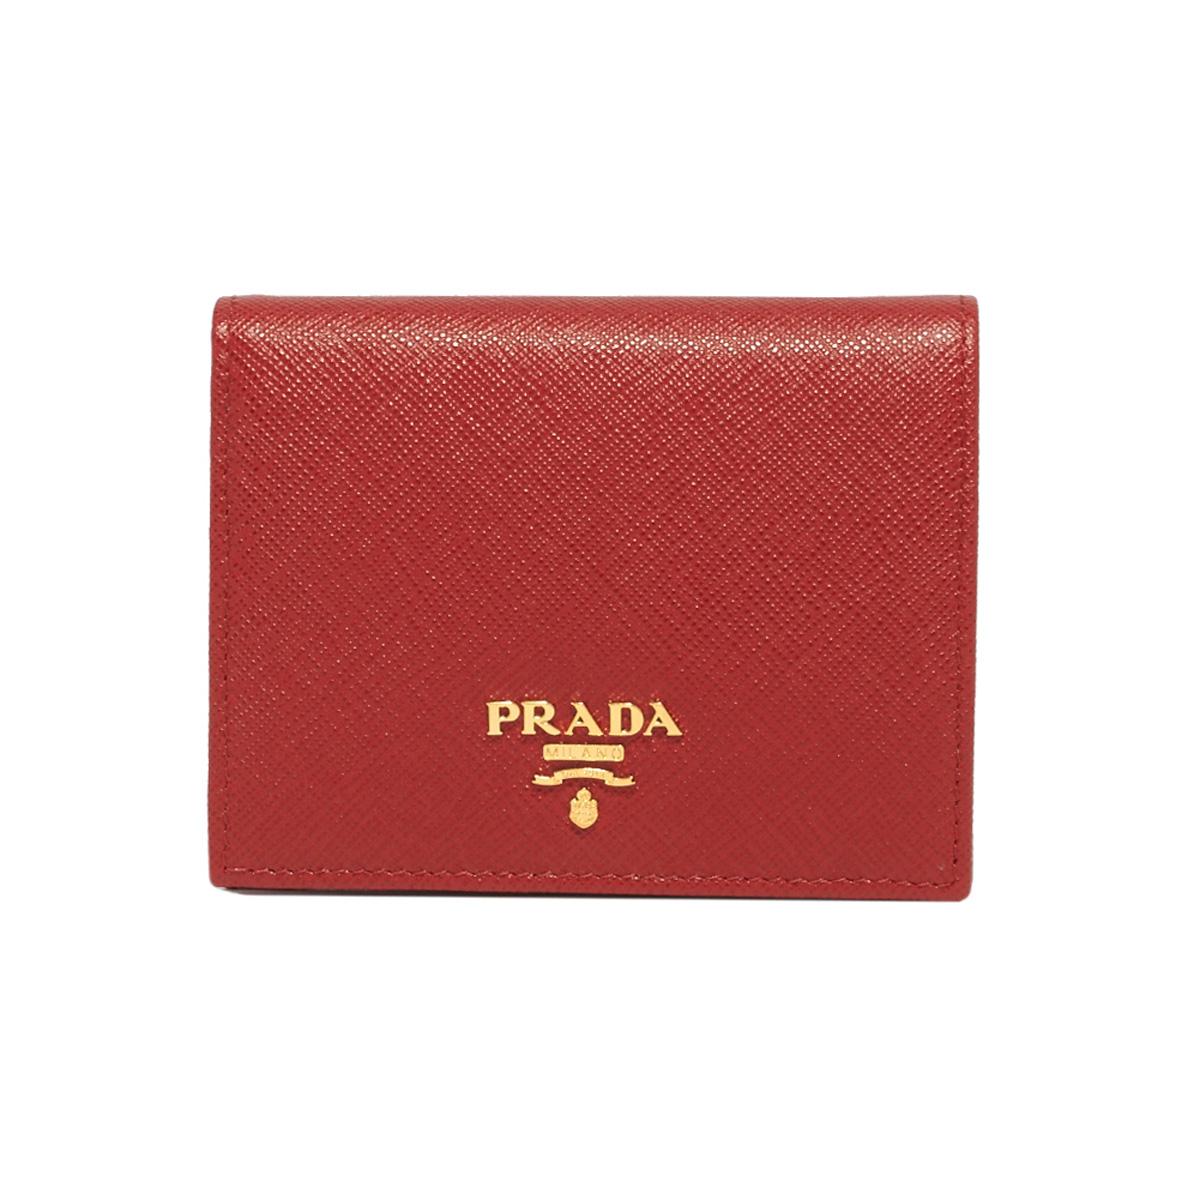 プラダ PRADA 財布 LEATHER WALLET レザーウォレット 1MV204QWA 小銭入れ付き 二つ折り財布 F068Z FUOCO レッド系